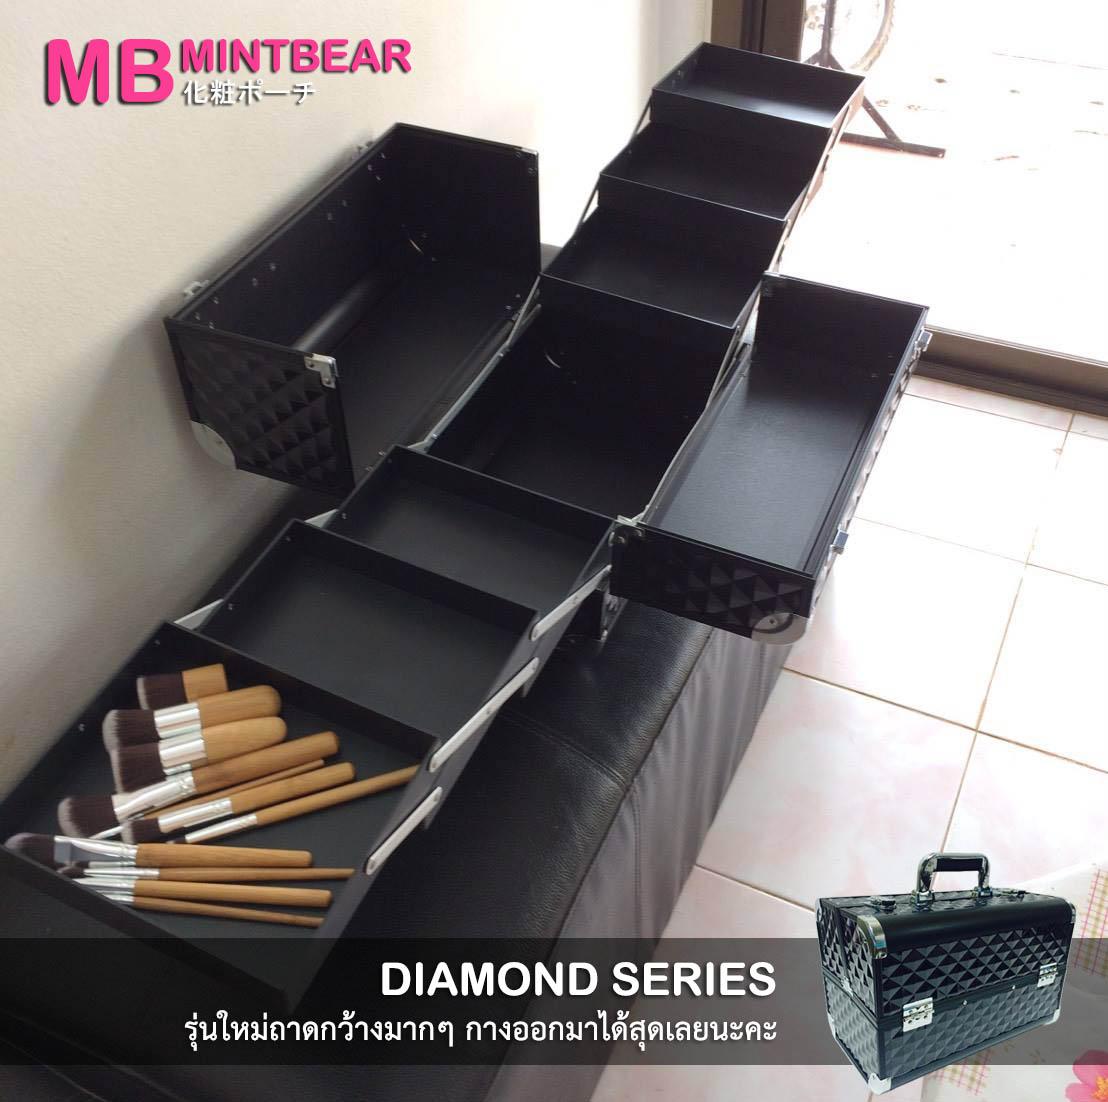 กระเป๋าเครื่องสำอางค์ Mintbear